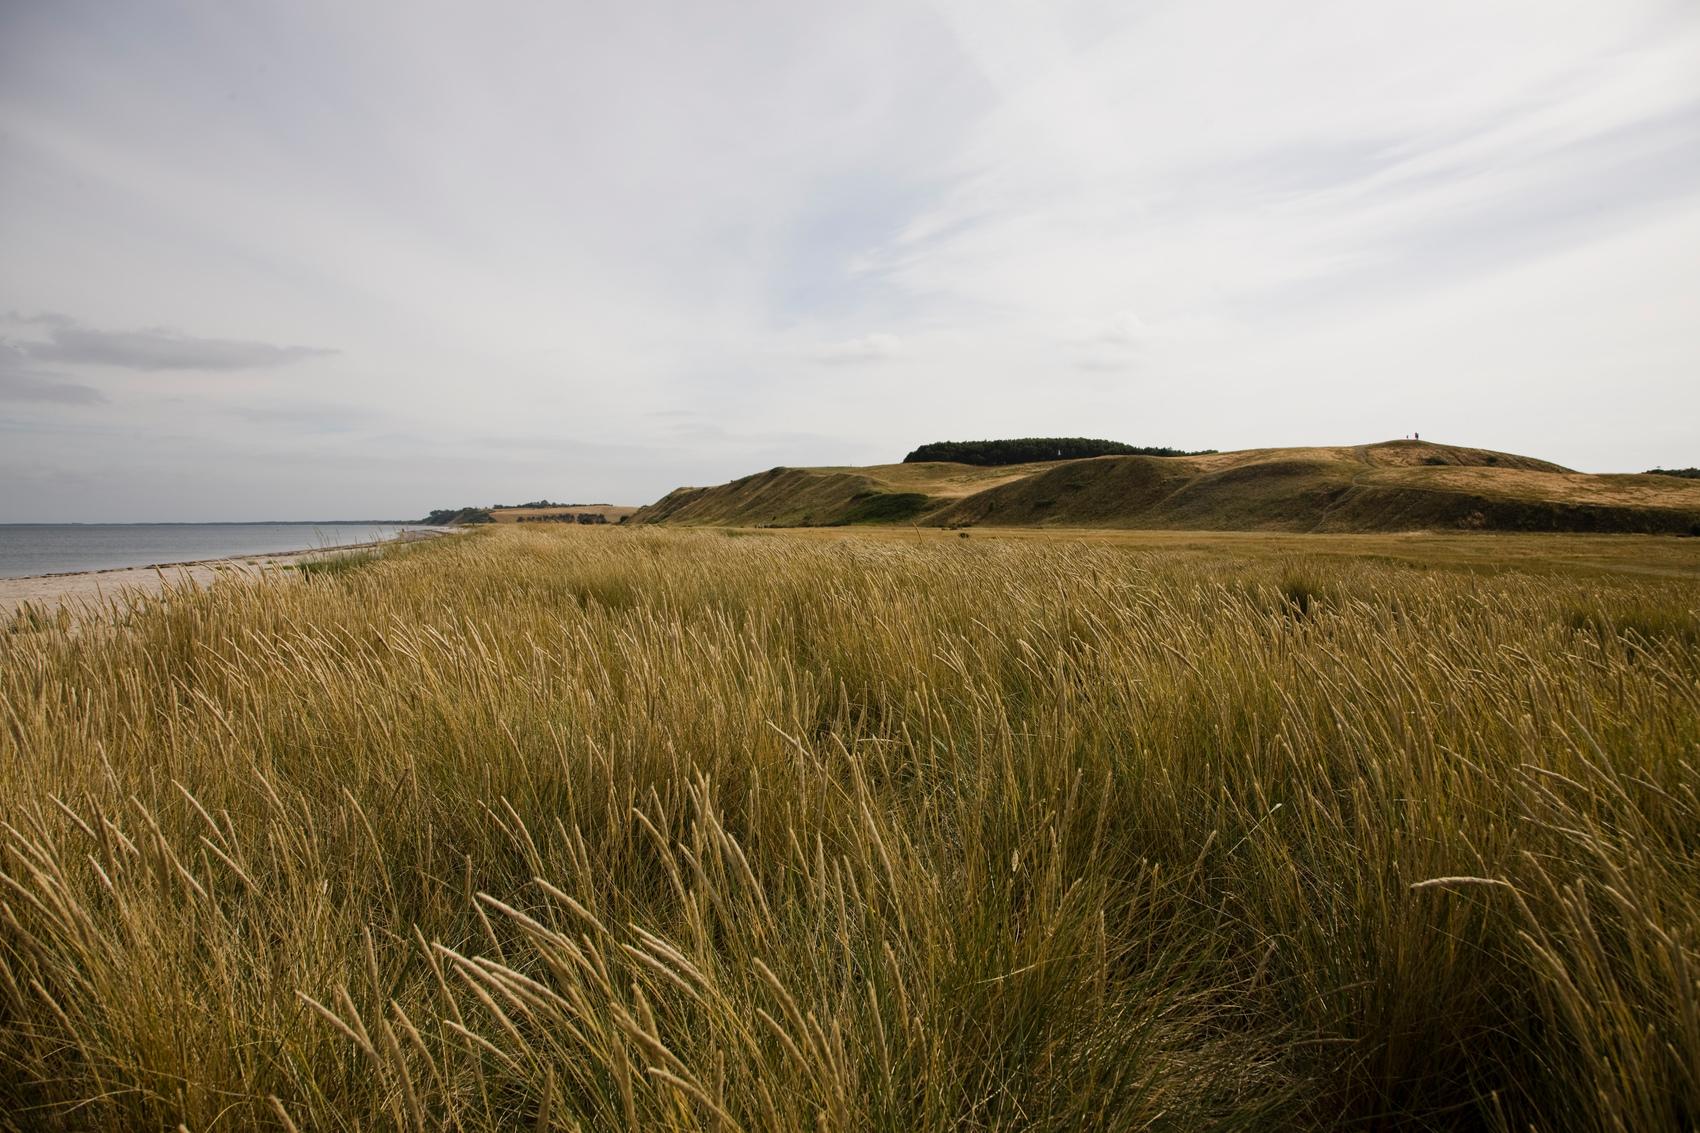 Naturlandskab påSamsø Foto: Jesper Plambech/VisitDenmark